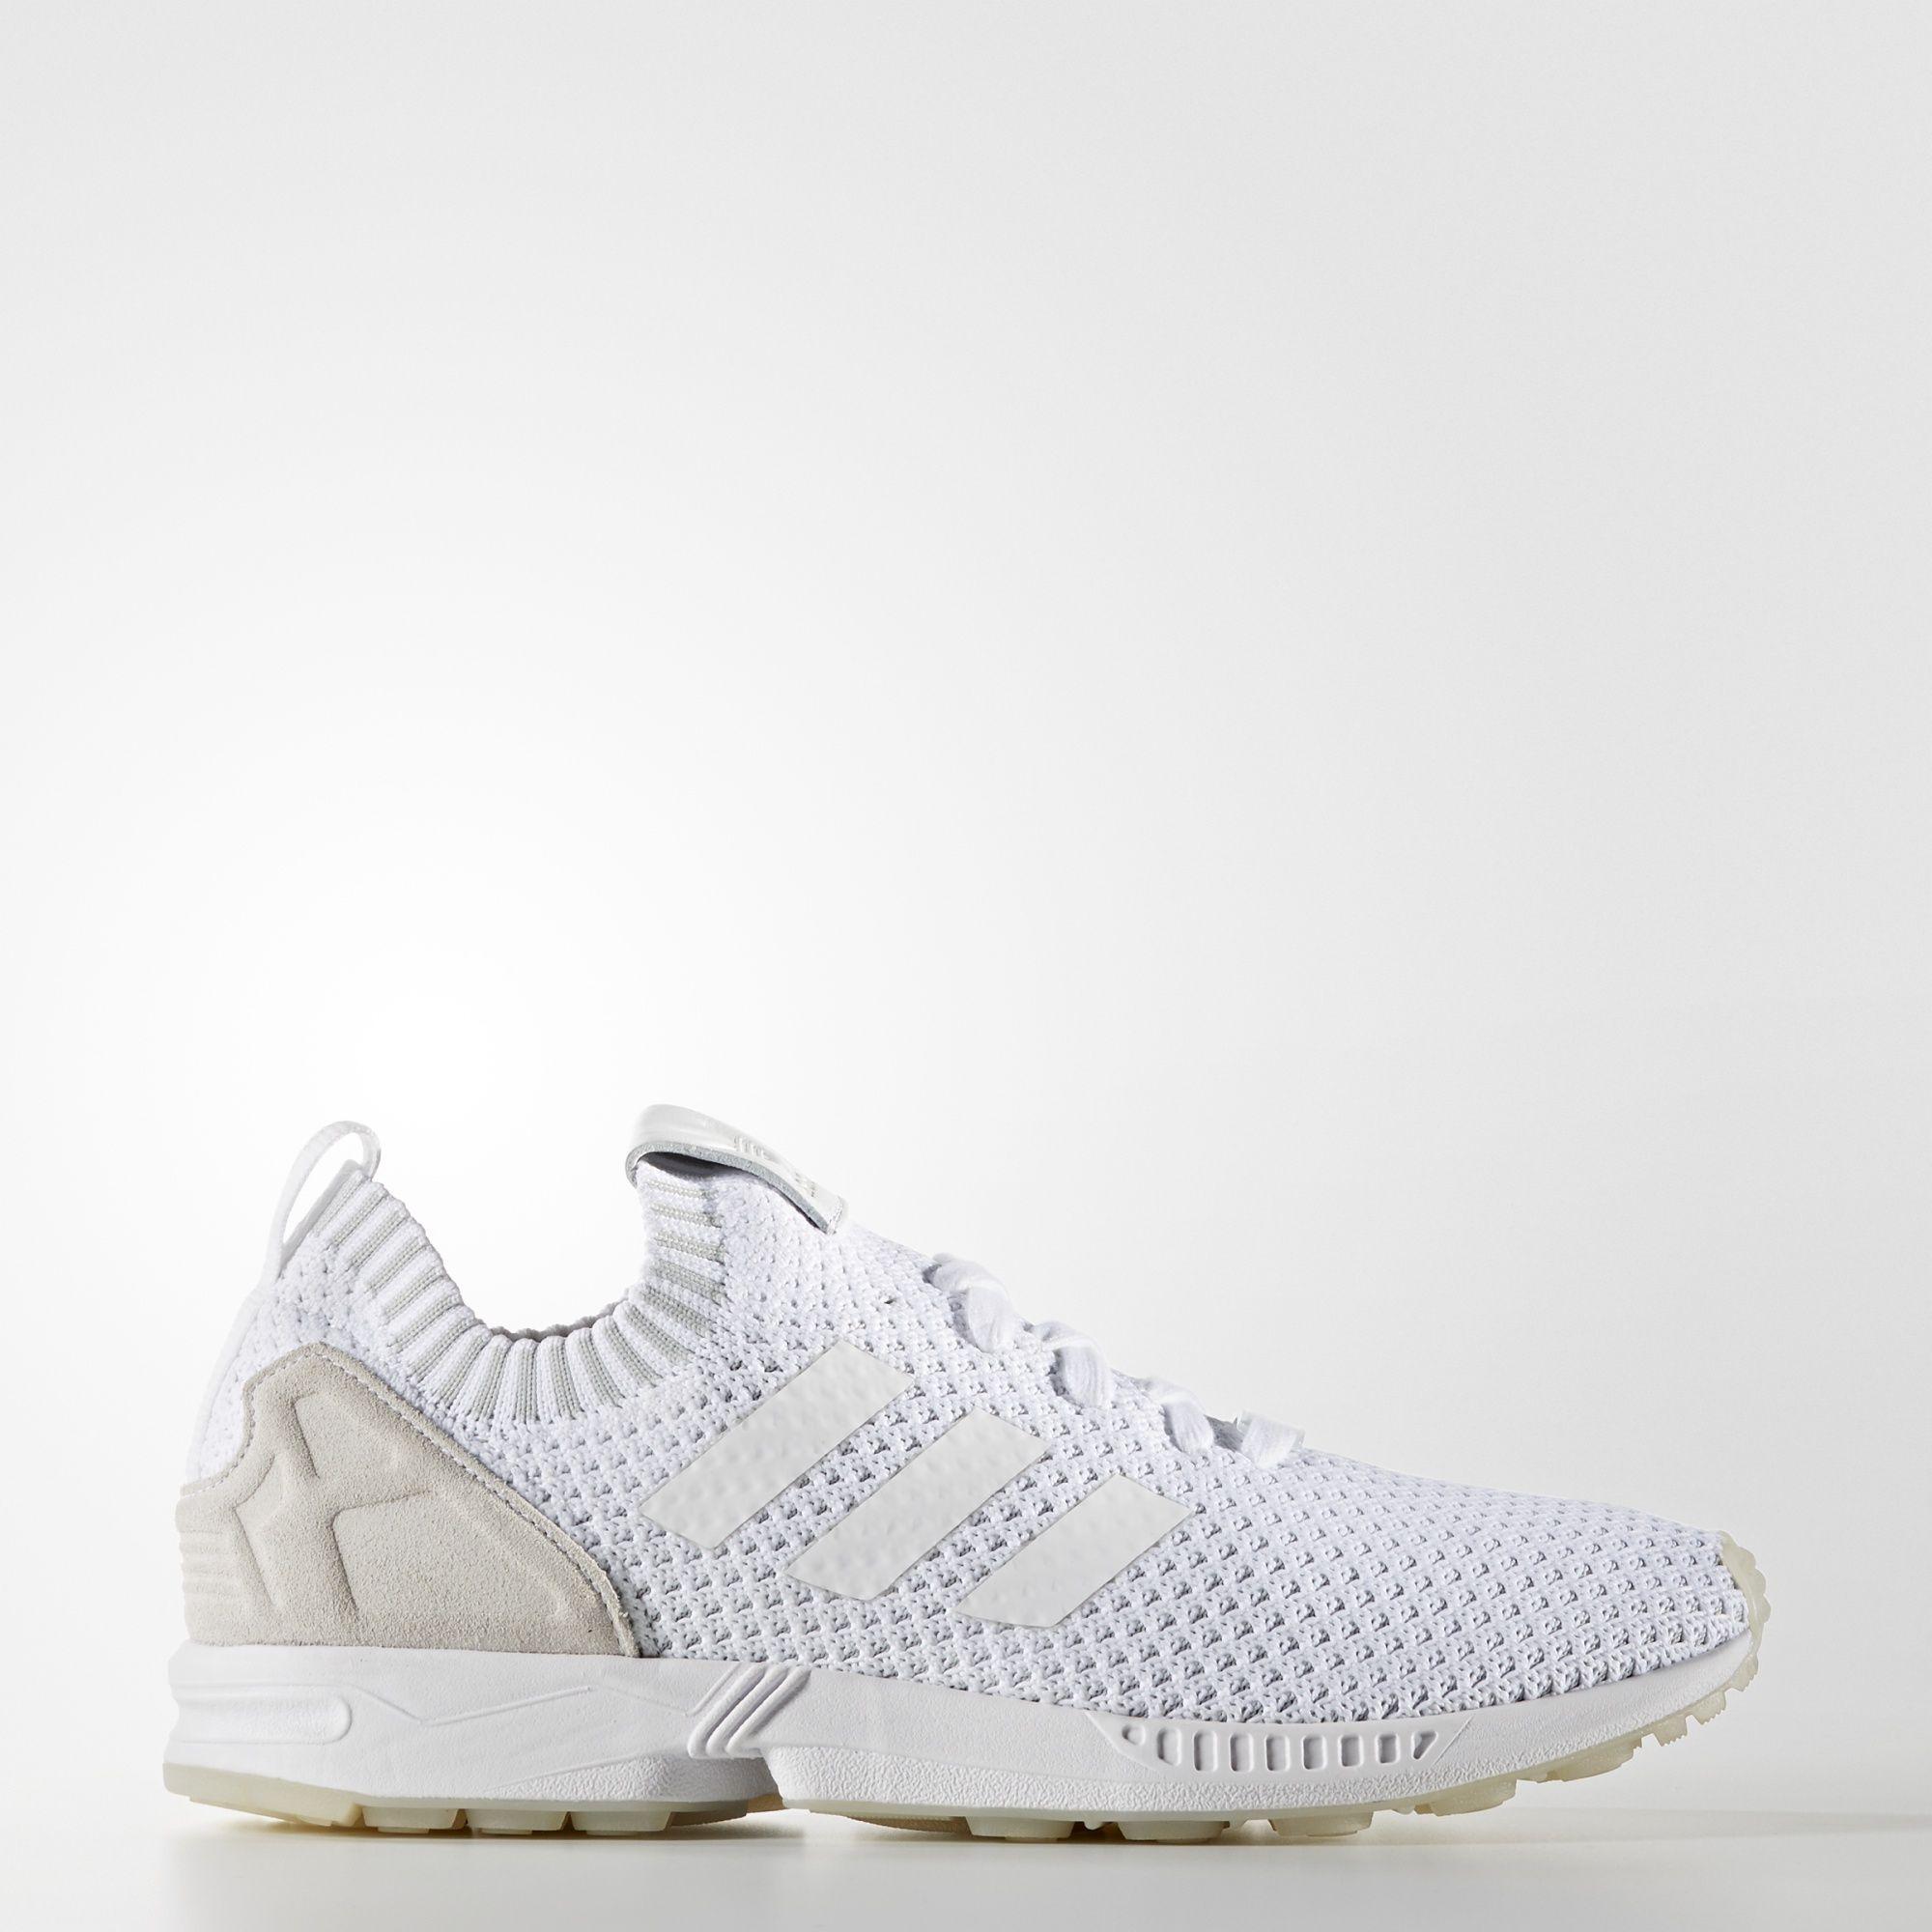 adidas zx flux primekit